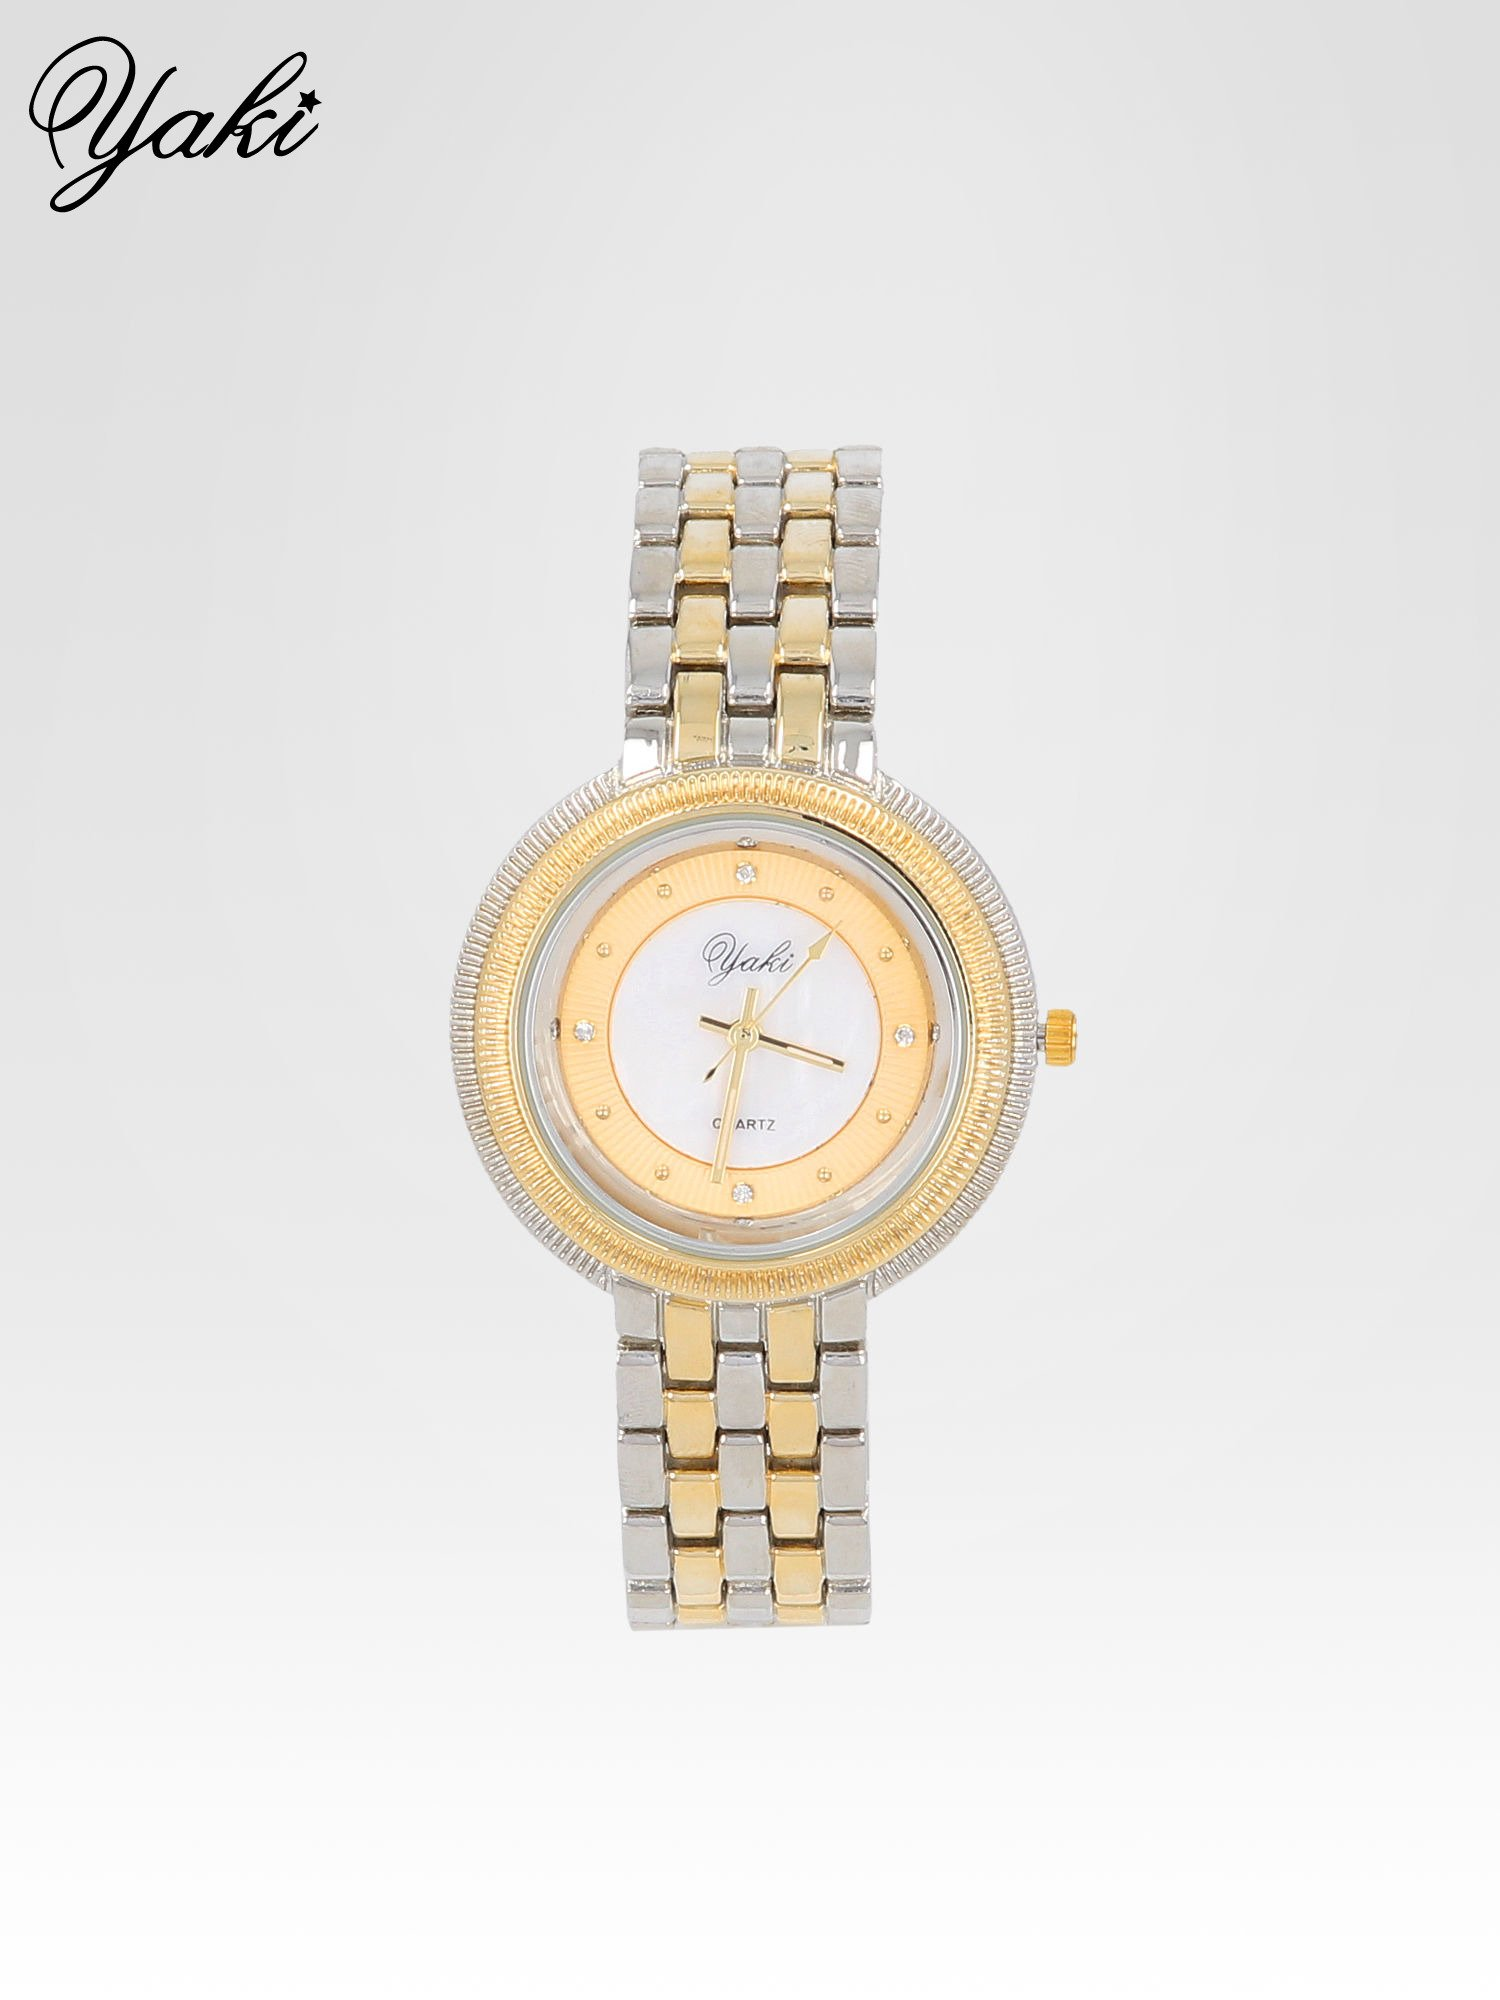 Złoto-srebrny zegarek damski z biżuteryjną kopertą                                  zdj.                                  1